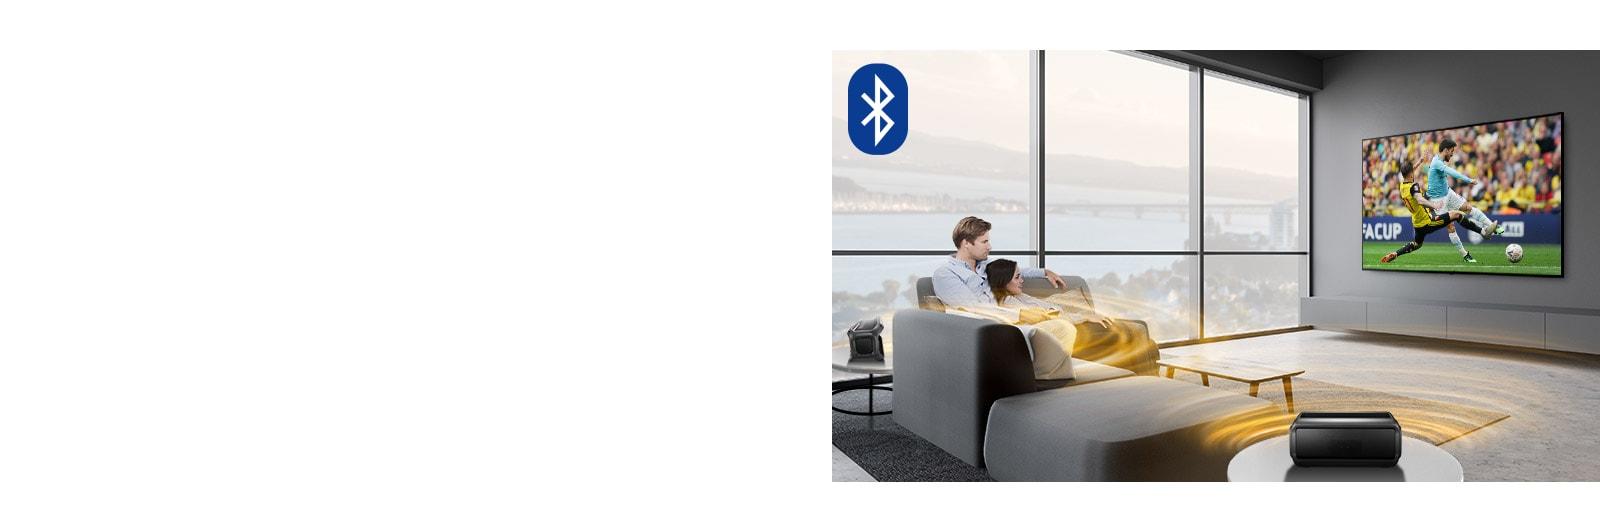 Un hombre y una mujer mirando deporte en el televisor del salón con unos altavoces Bluetooth traseros